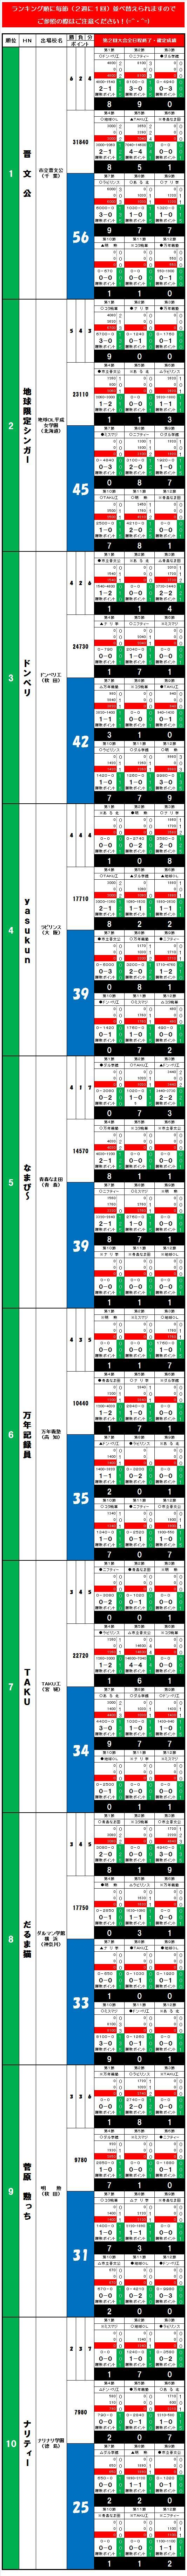 20140608・ダルマンリーグ第2回大会☆個人成績データ①.jpg